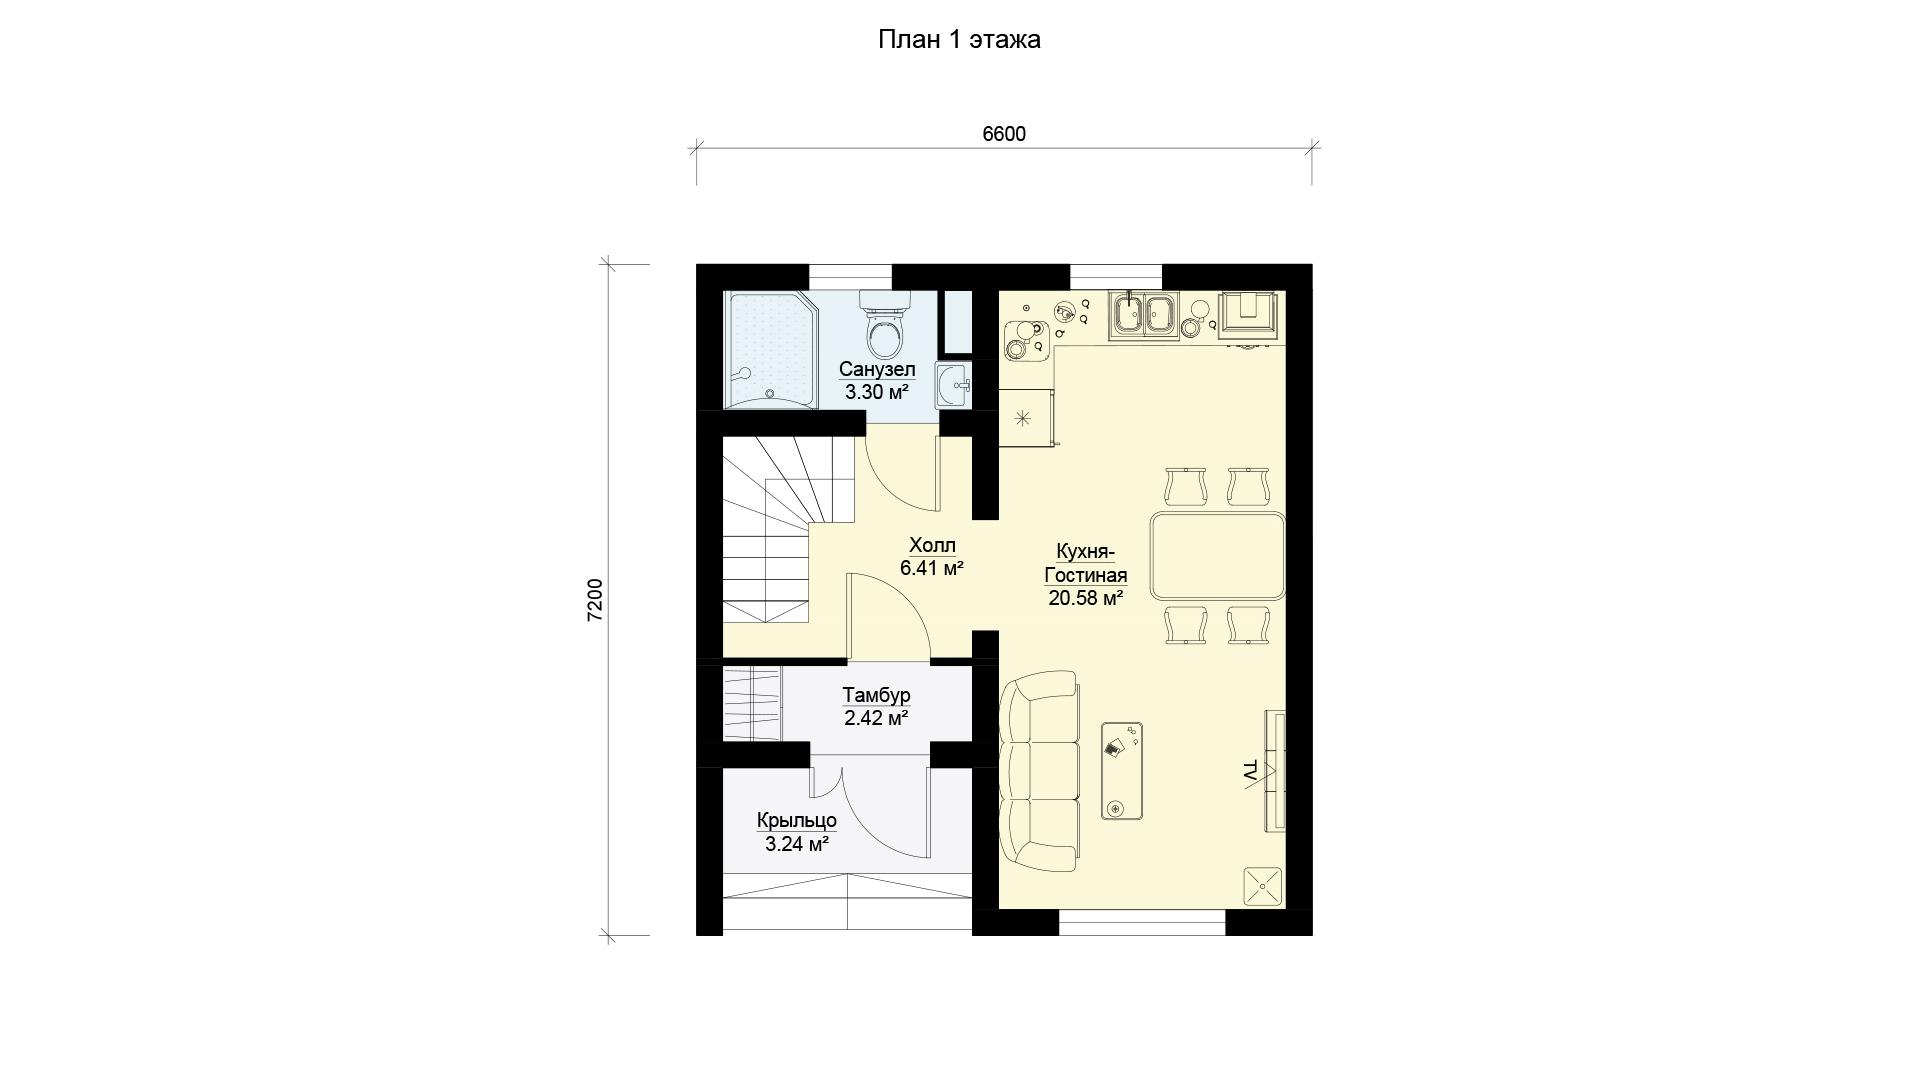 План первого этажа двухэтажного загородного дома с двумя спальнями и балконом, проект БЭНПАН МС-95.